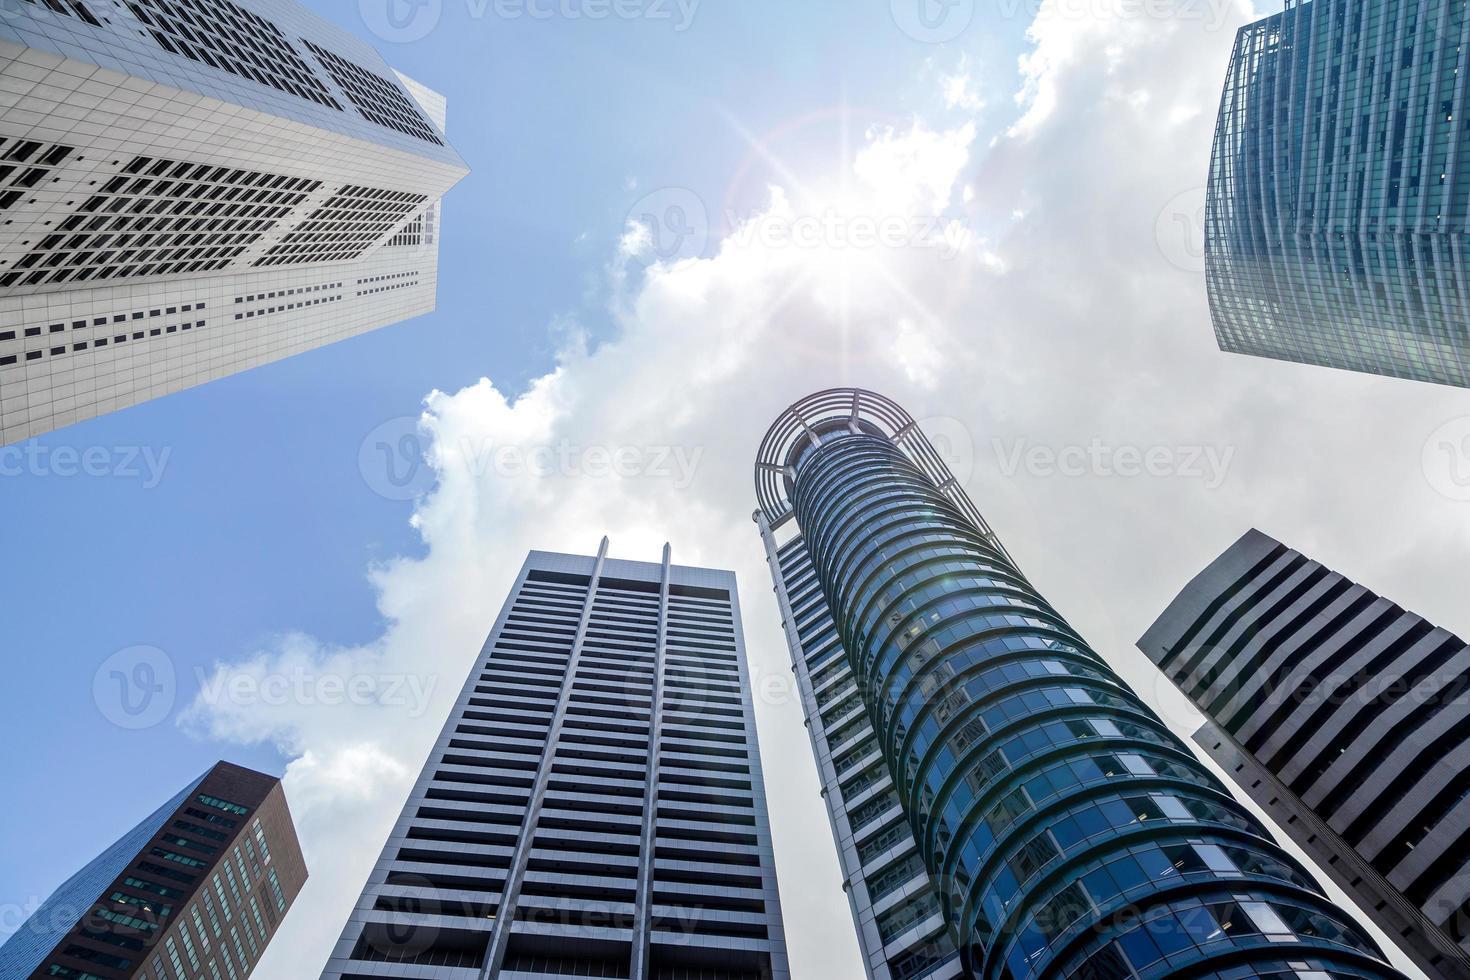 grattacieli nel distretto finanziario di Singapore foto